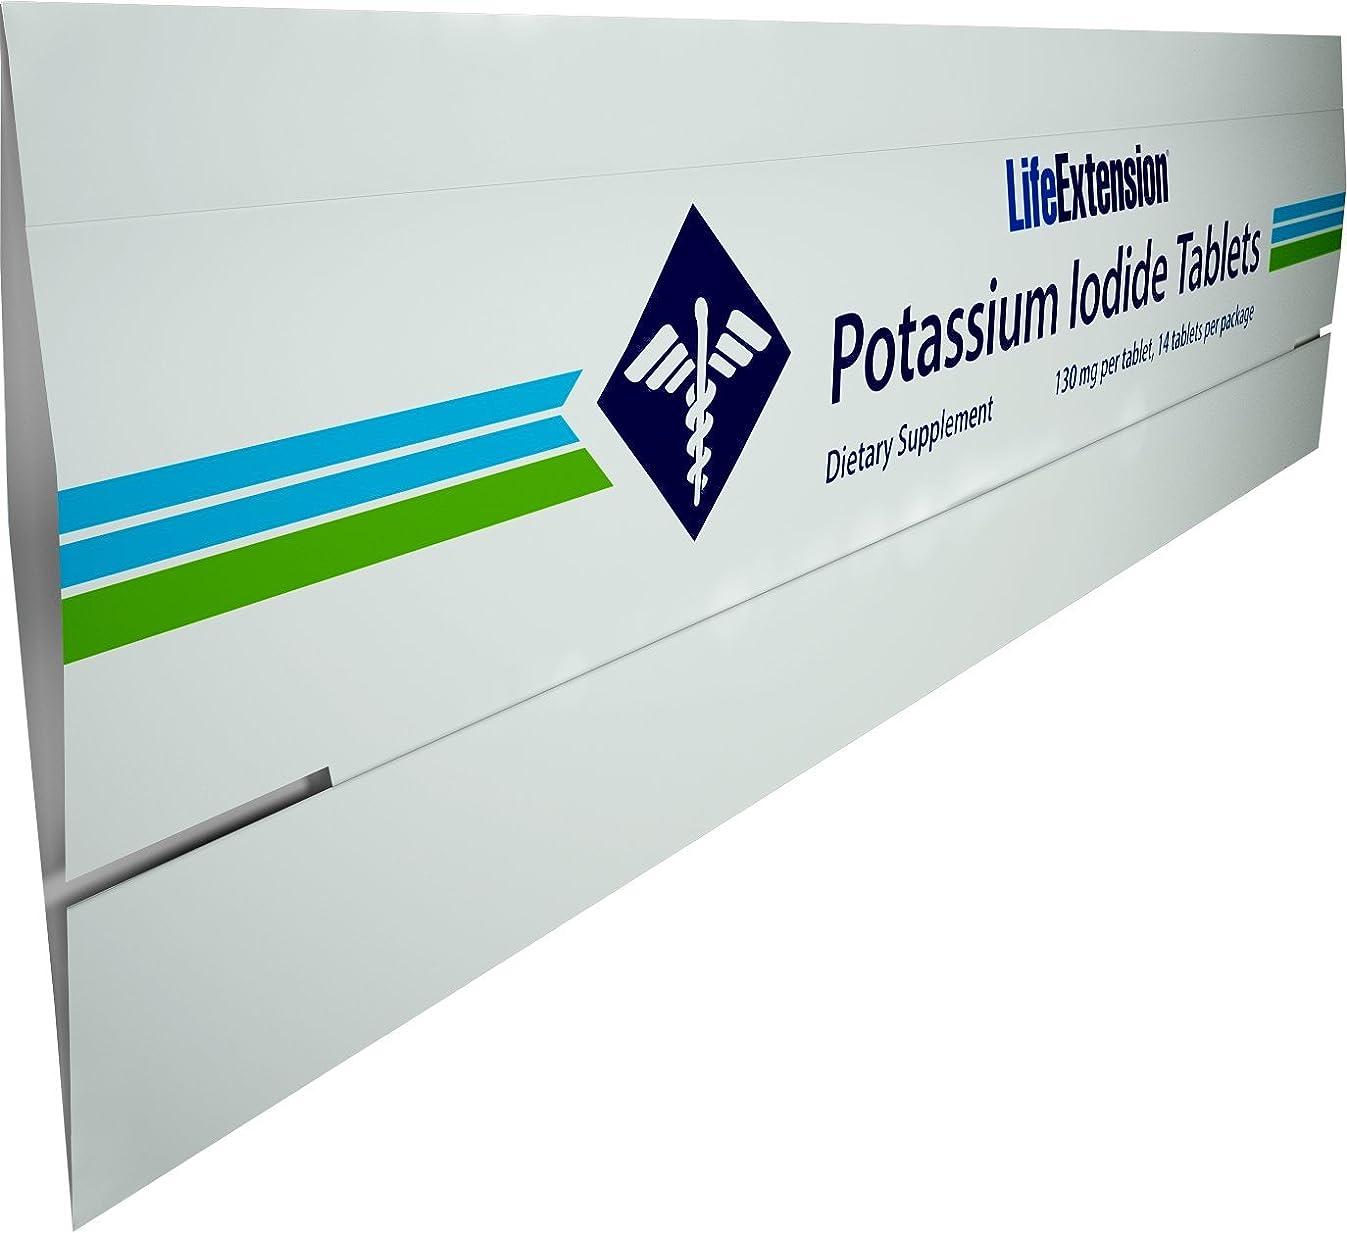 機構偽装する同一の【短期間用:ヨウ化カリウム】 Life Extension - Potassium Iodide Tablets 130 mg - 14錠  ~海外直送品~